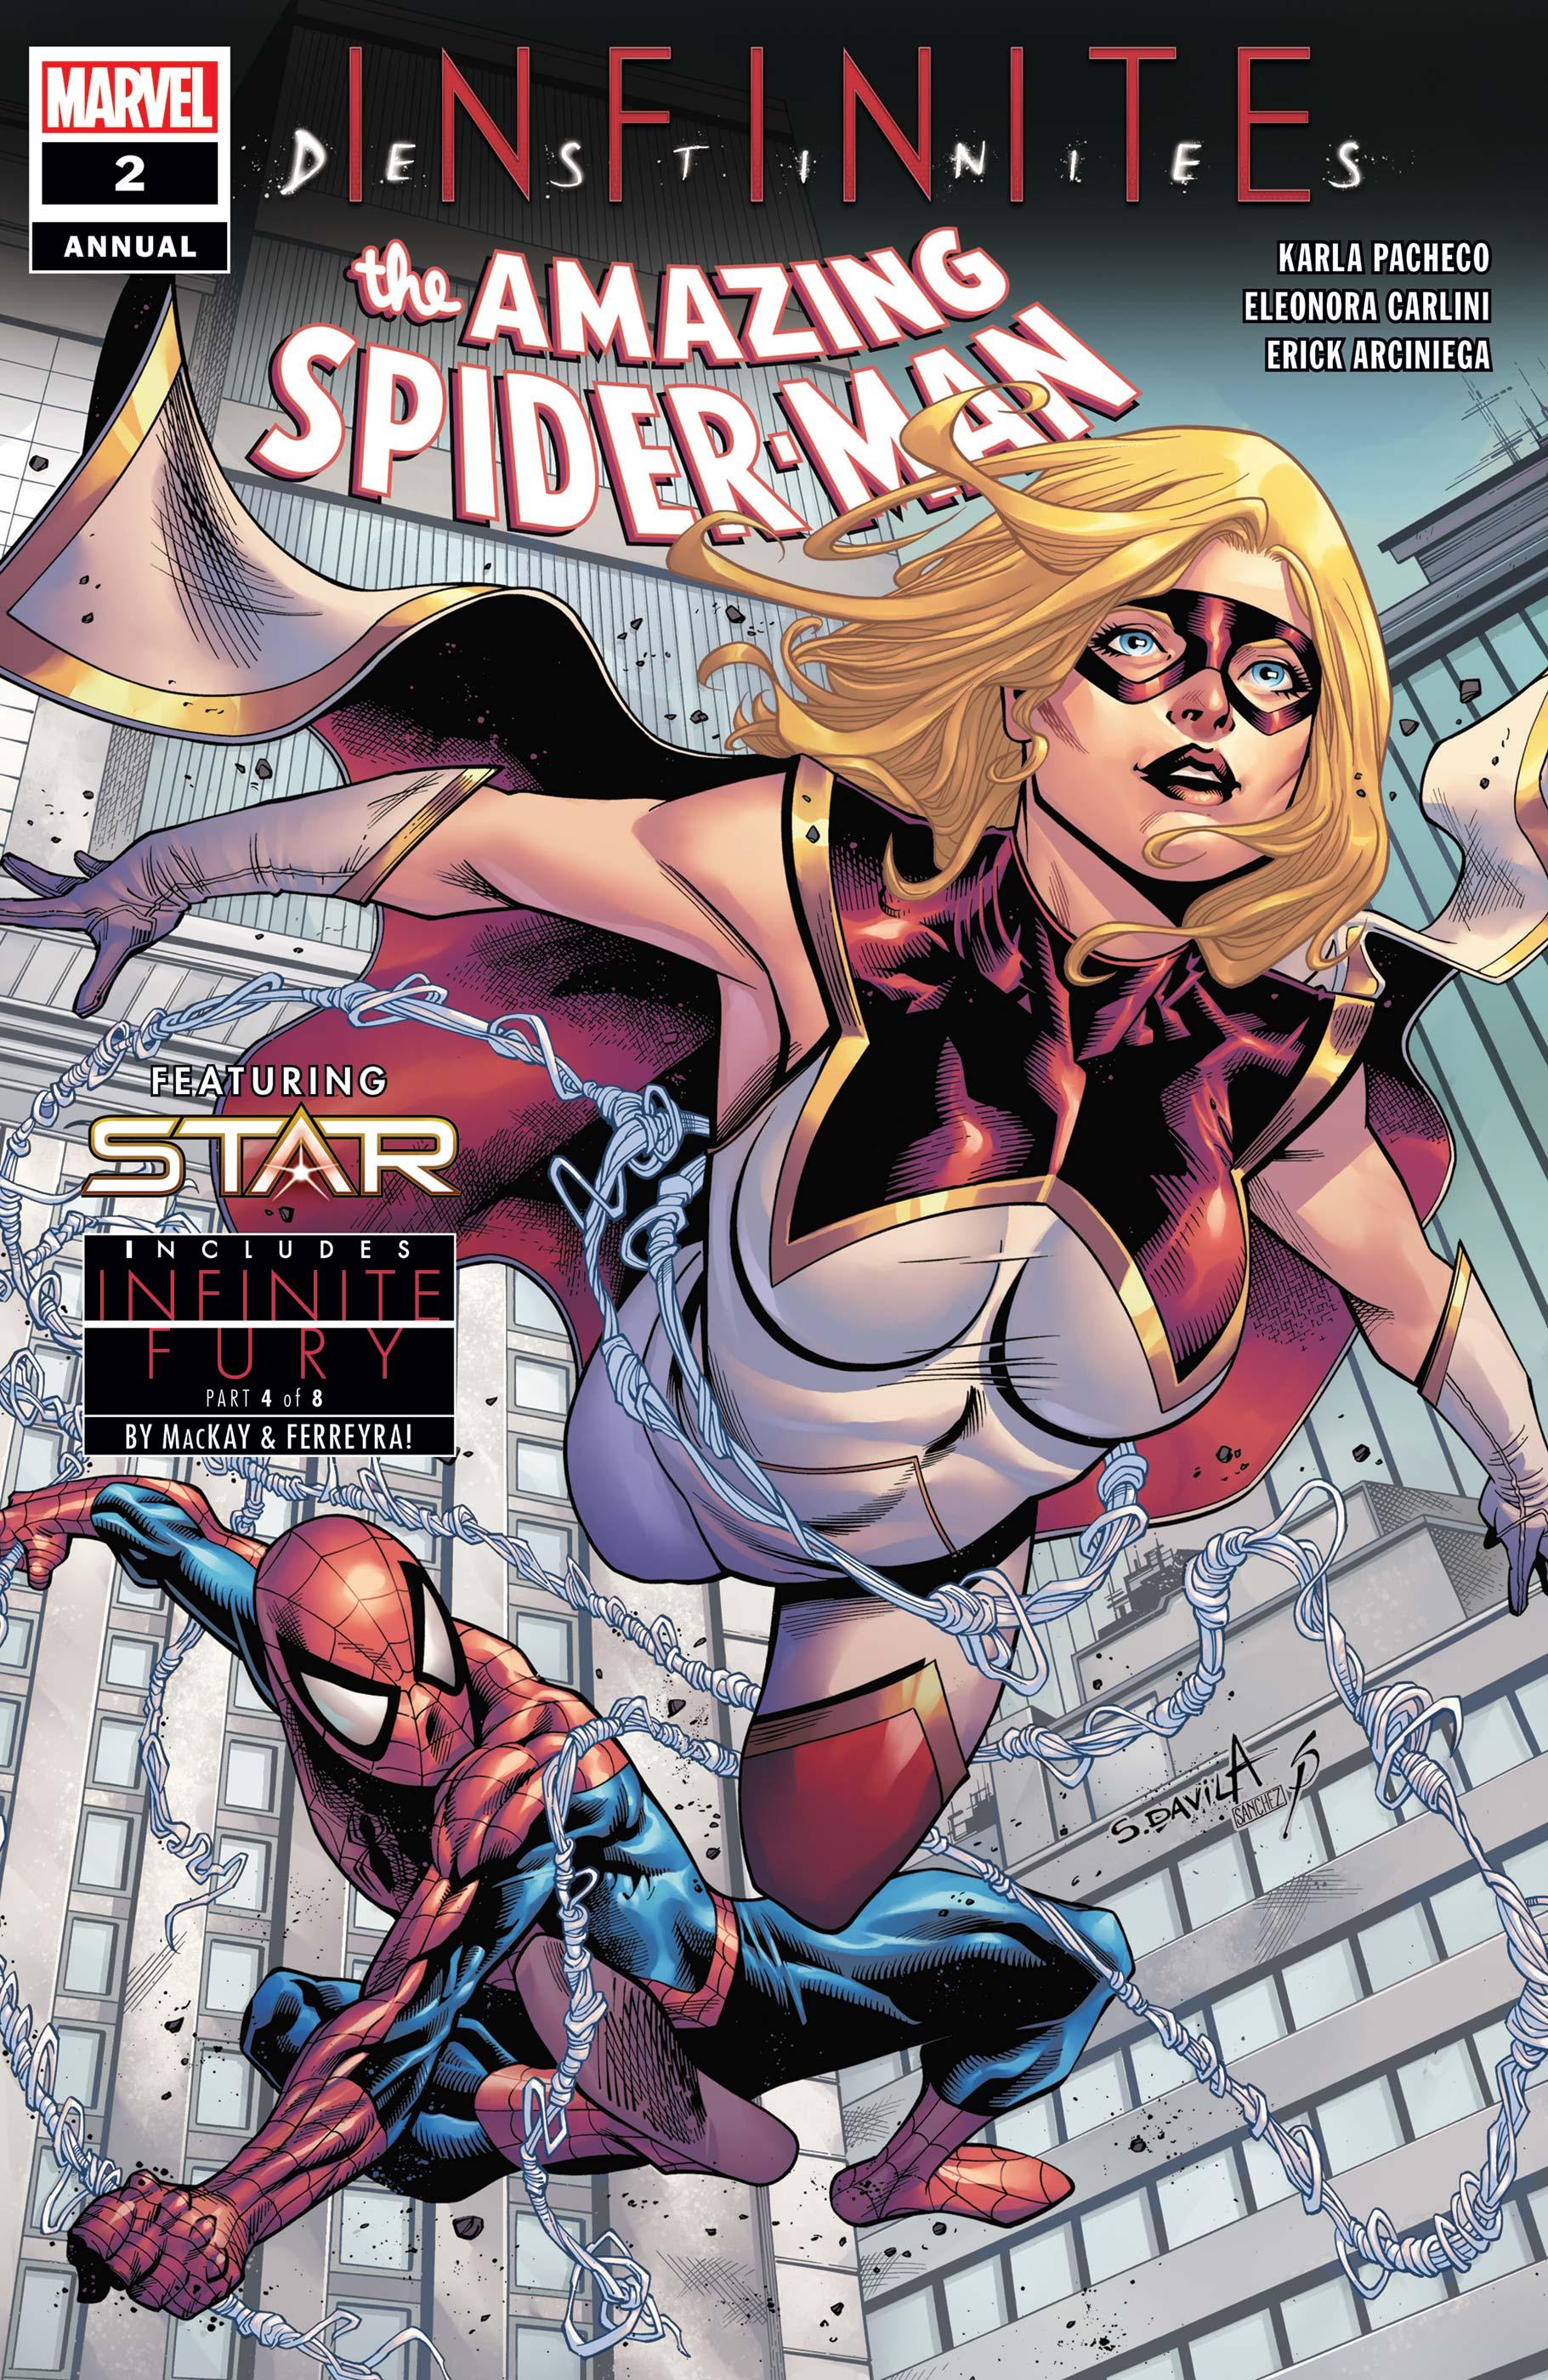 Amazing Spider-Man Annual (2021) #2